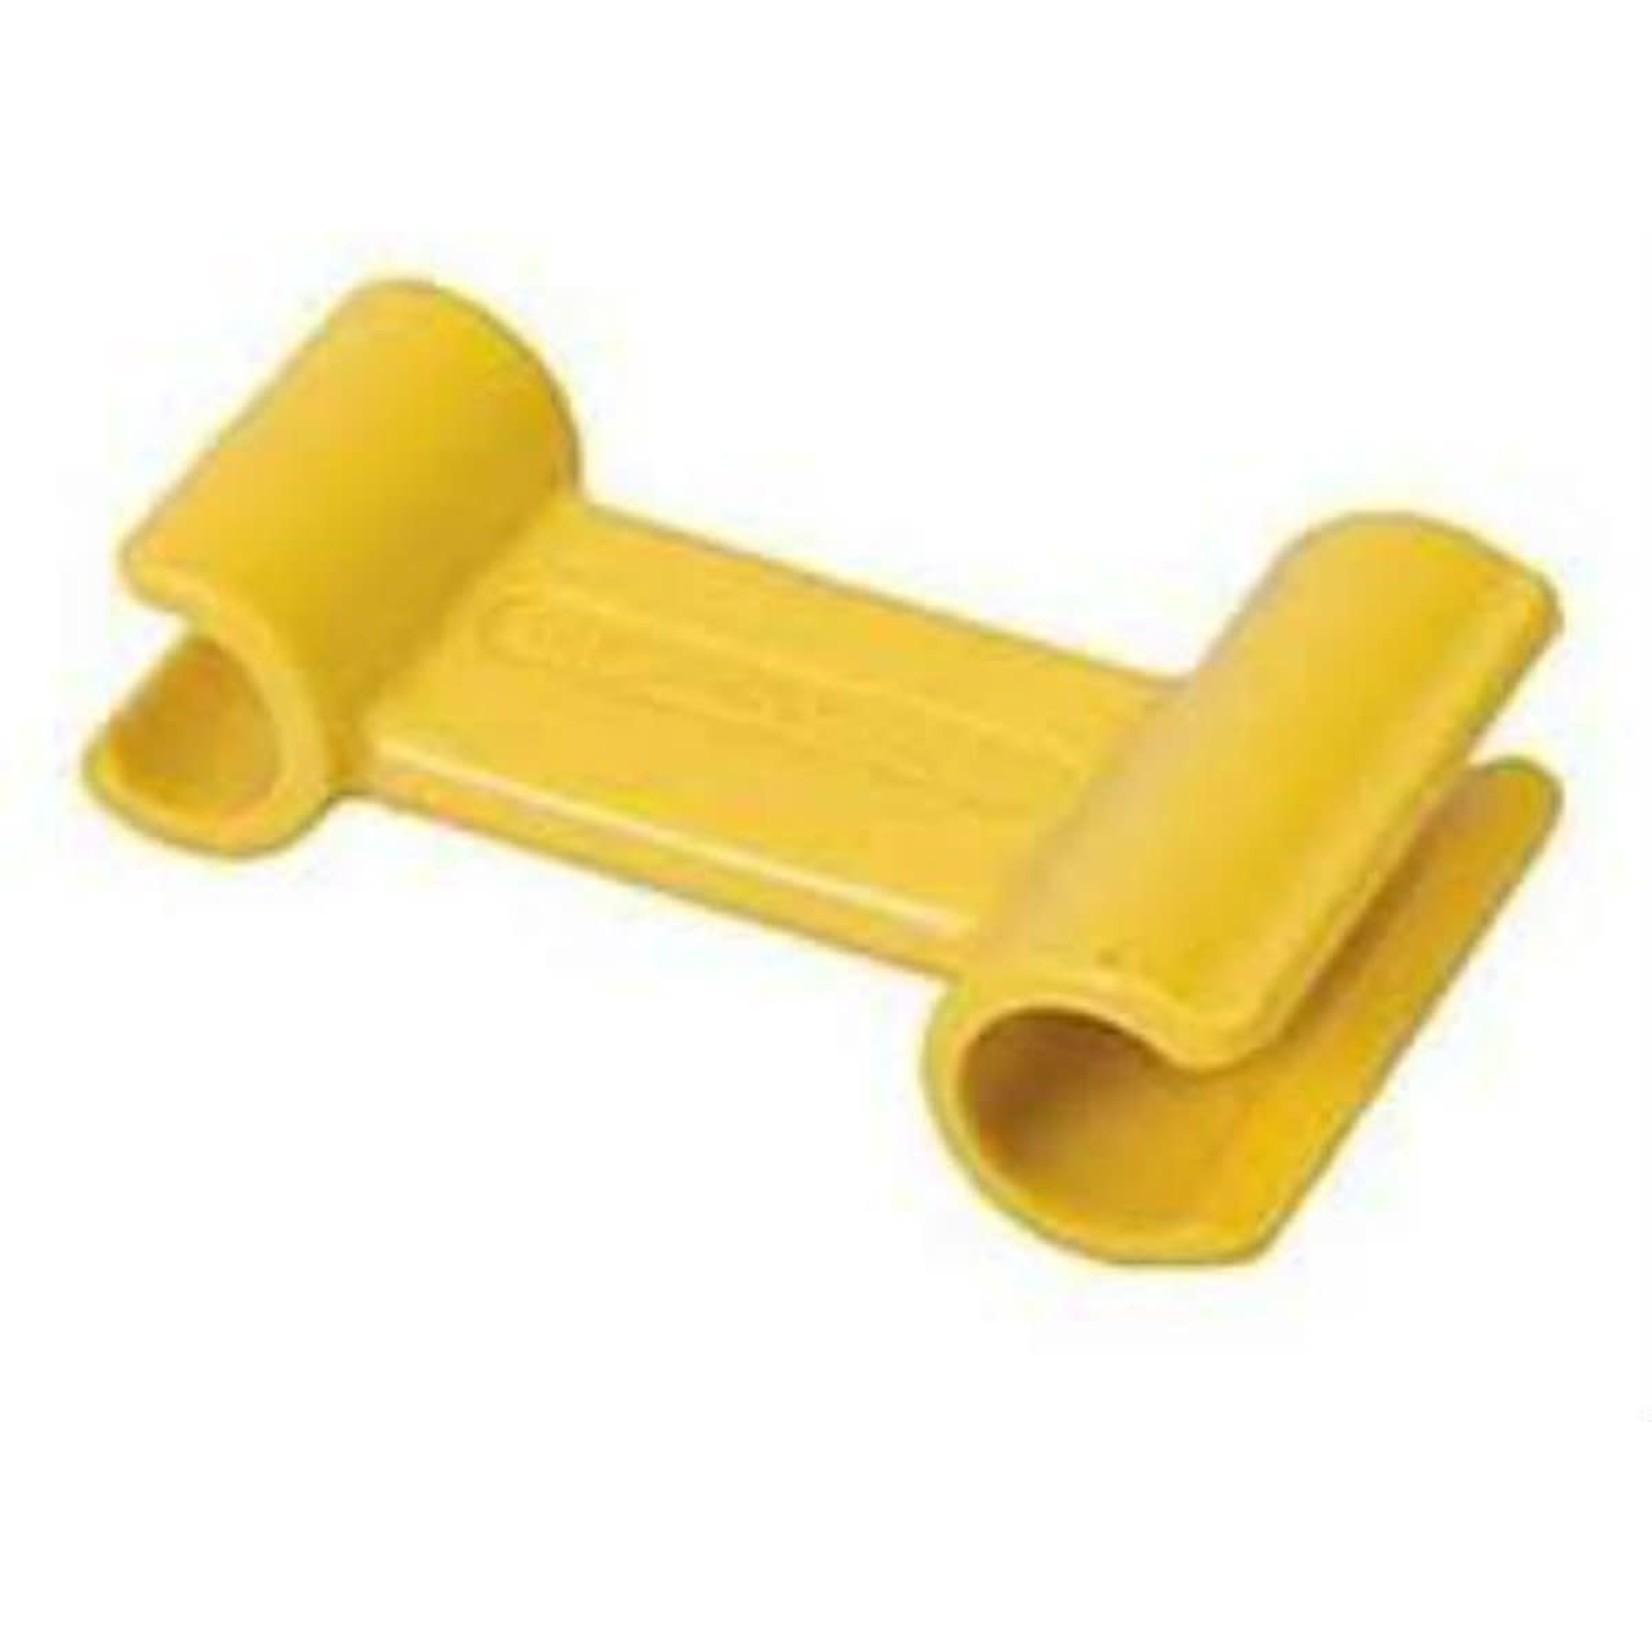 Gripcaddie Gripcaddie Yellow